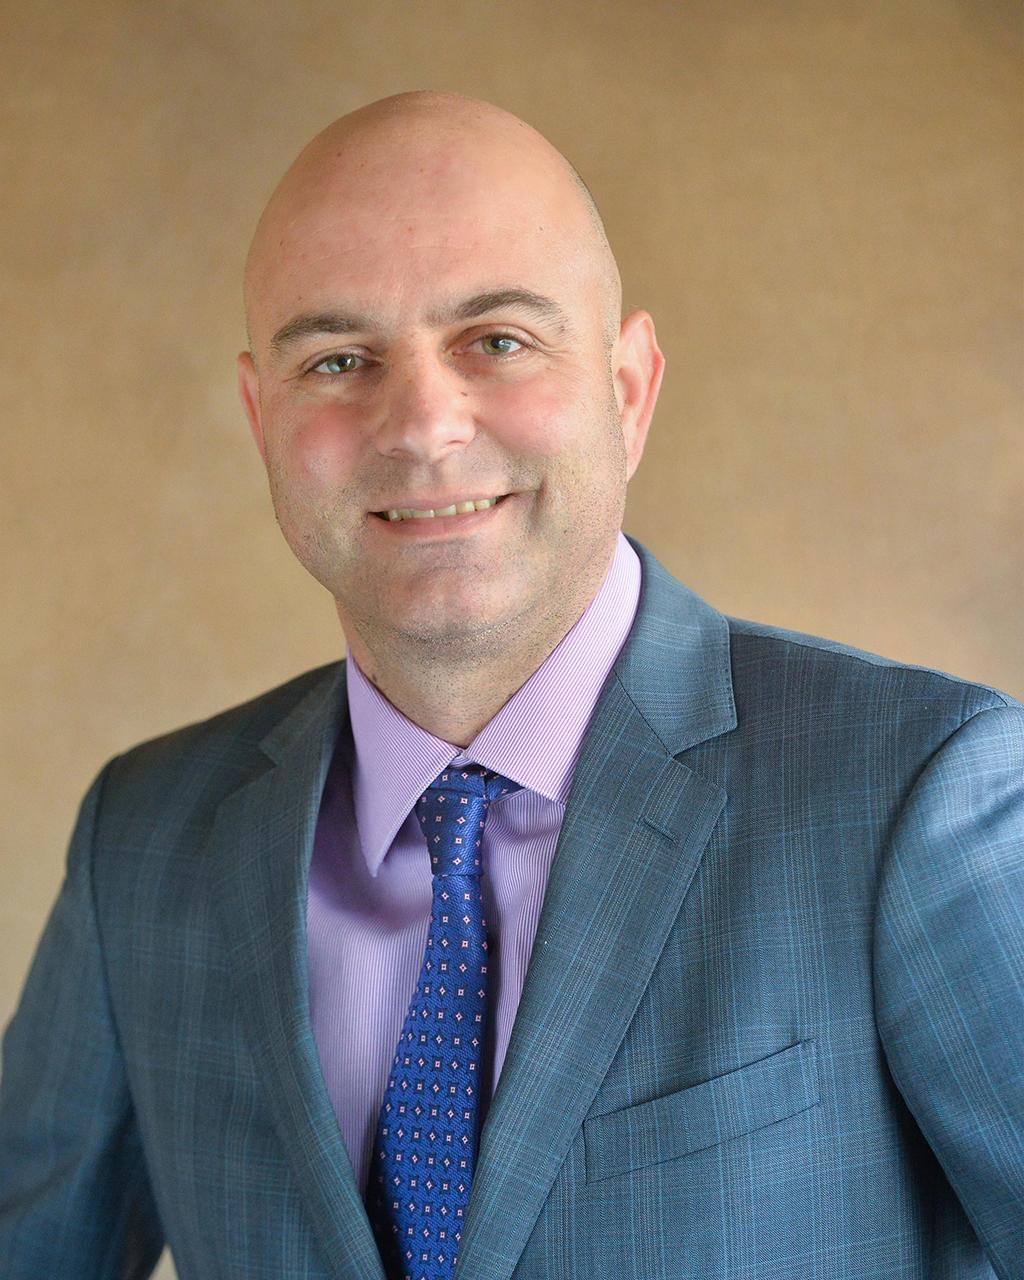 Peter A. Sahin